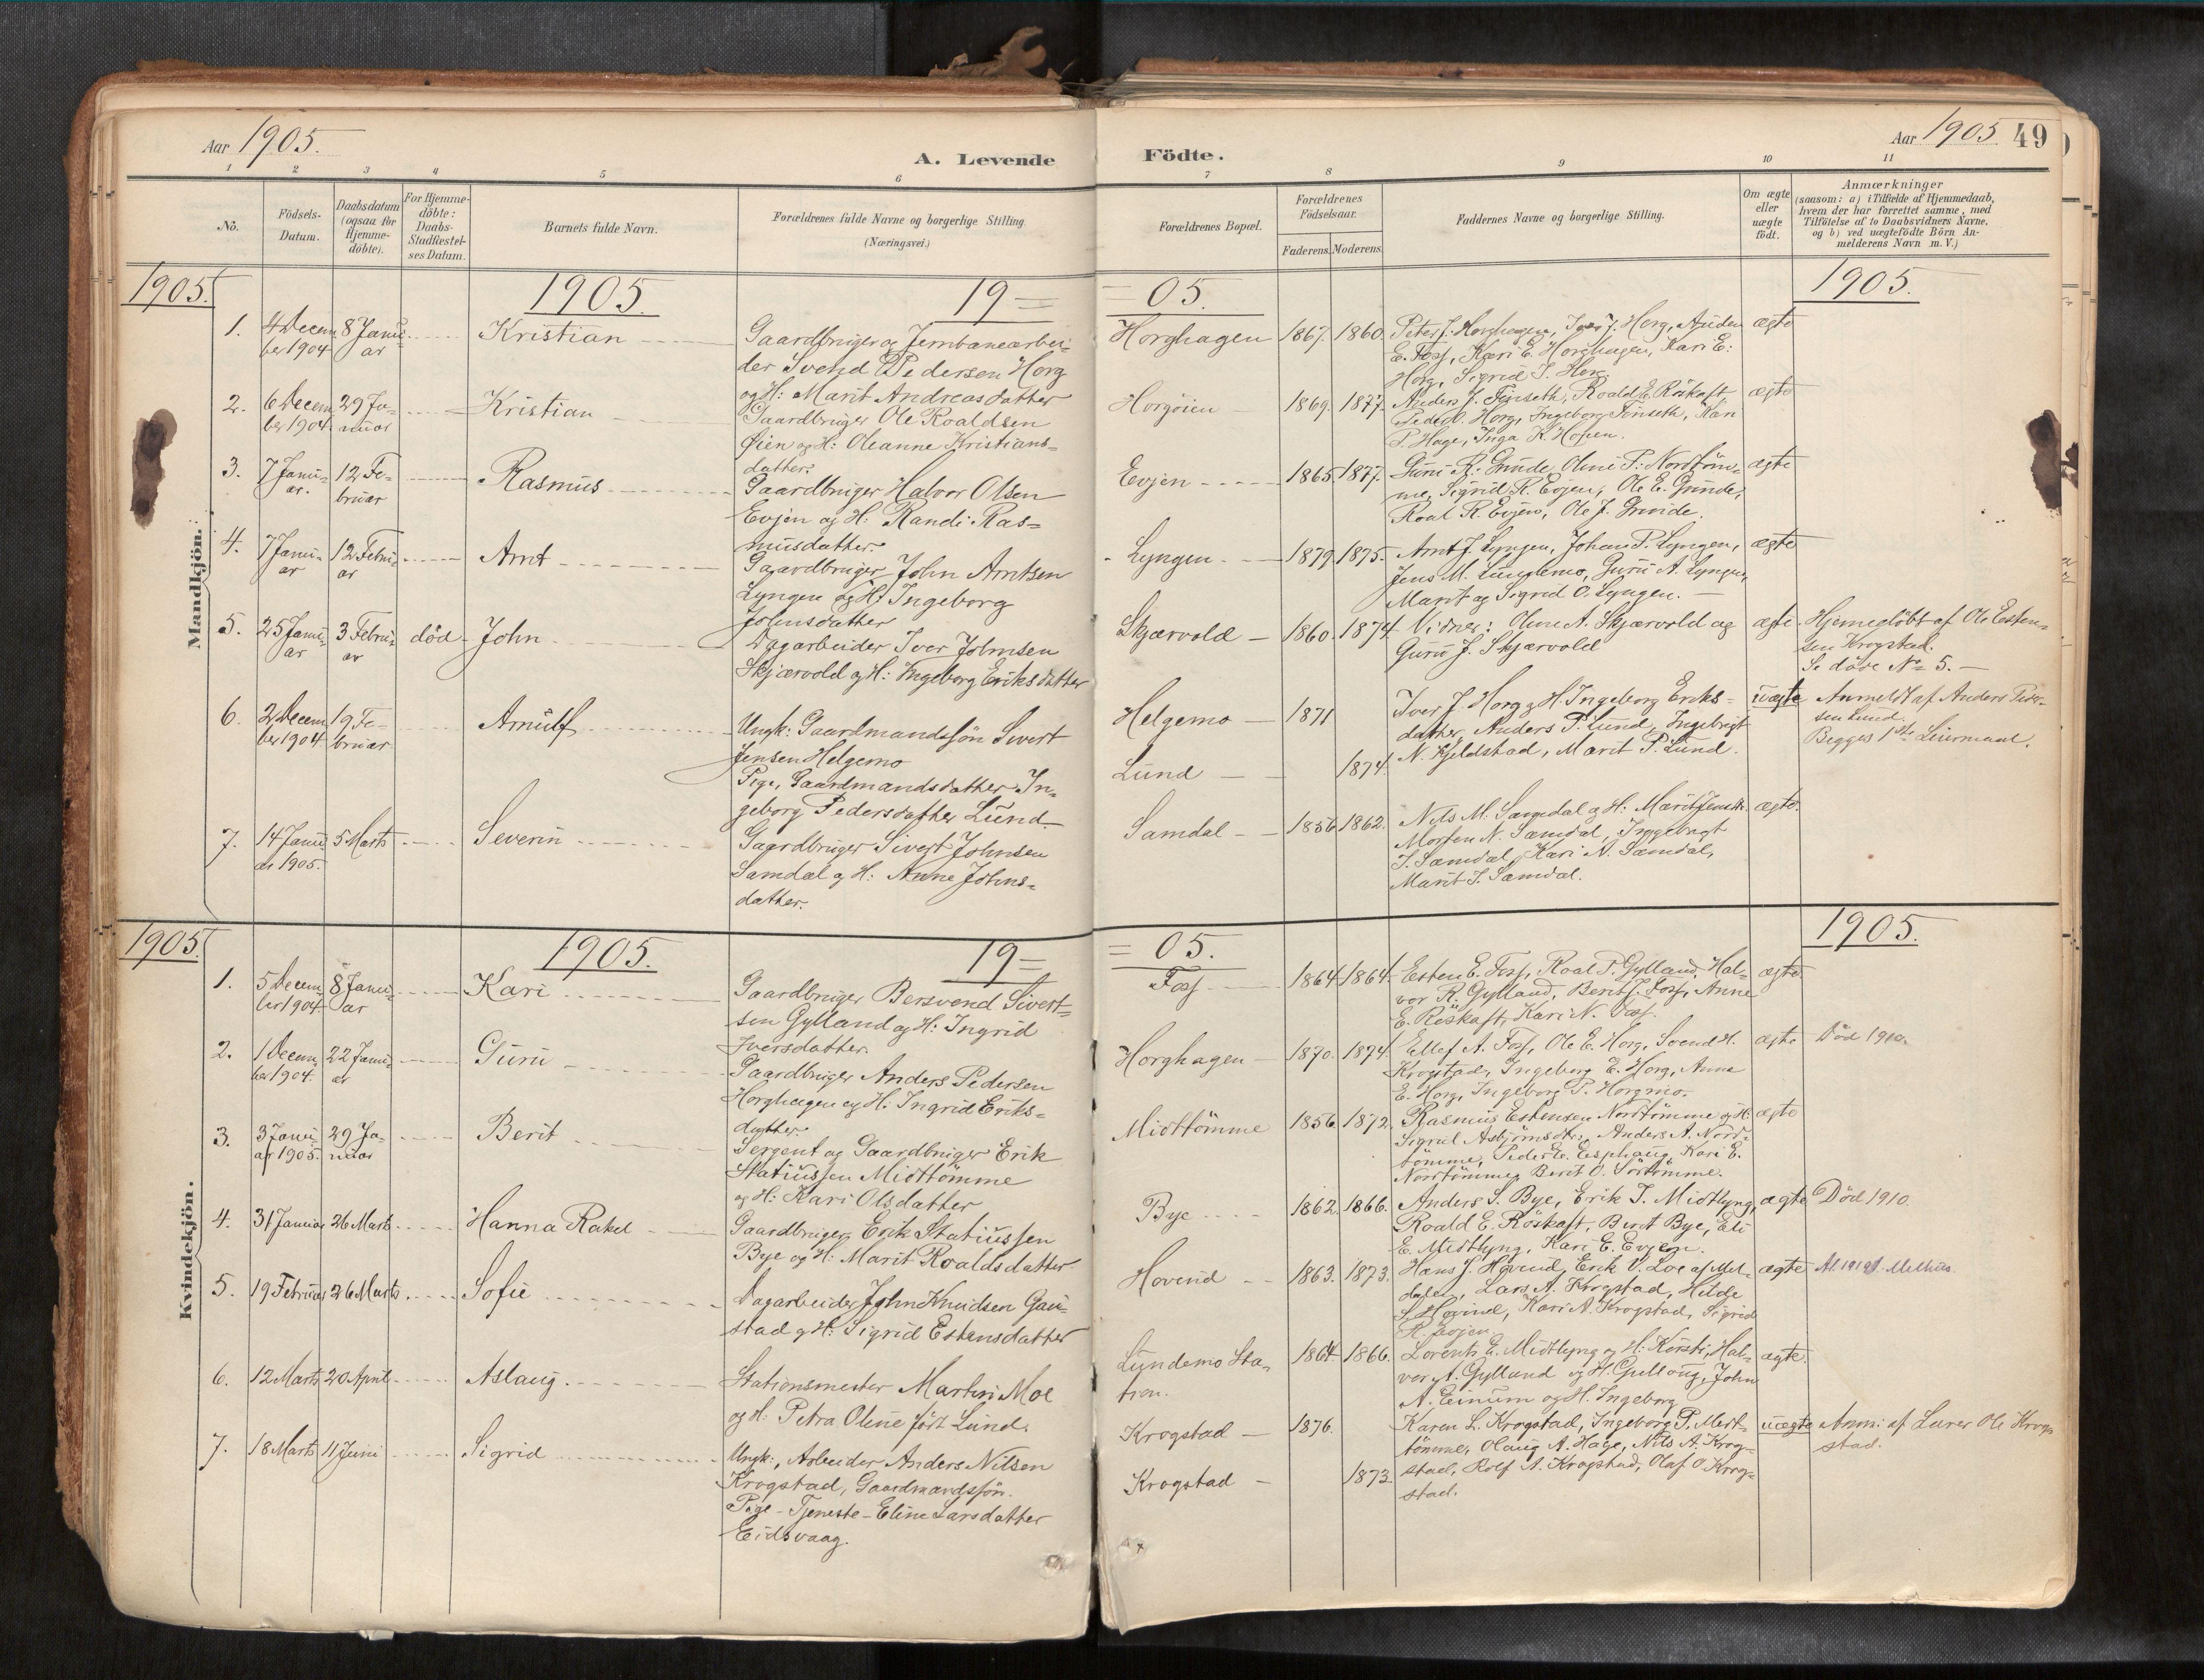 SAT, Ministerialprotokoller, klokkerbøker og fødselsregistre - Sør-Trøndelag, 692/L1105b: Ministerialbok nr. 692A06, 1891-1934, s. 49